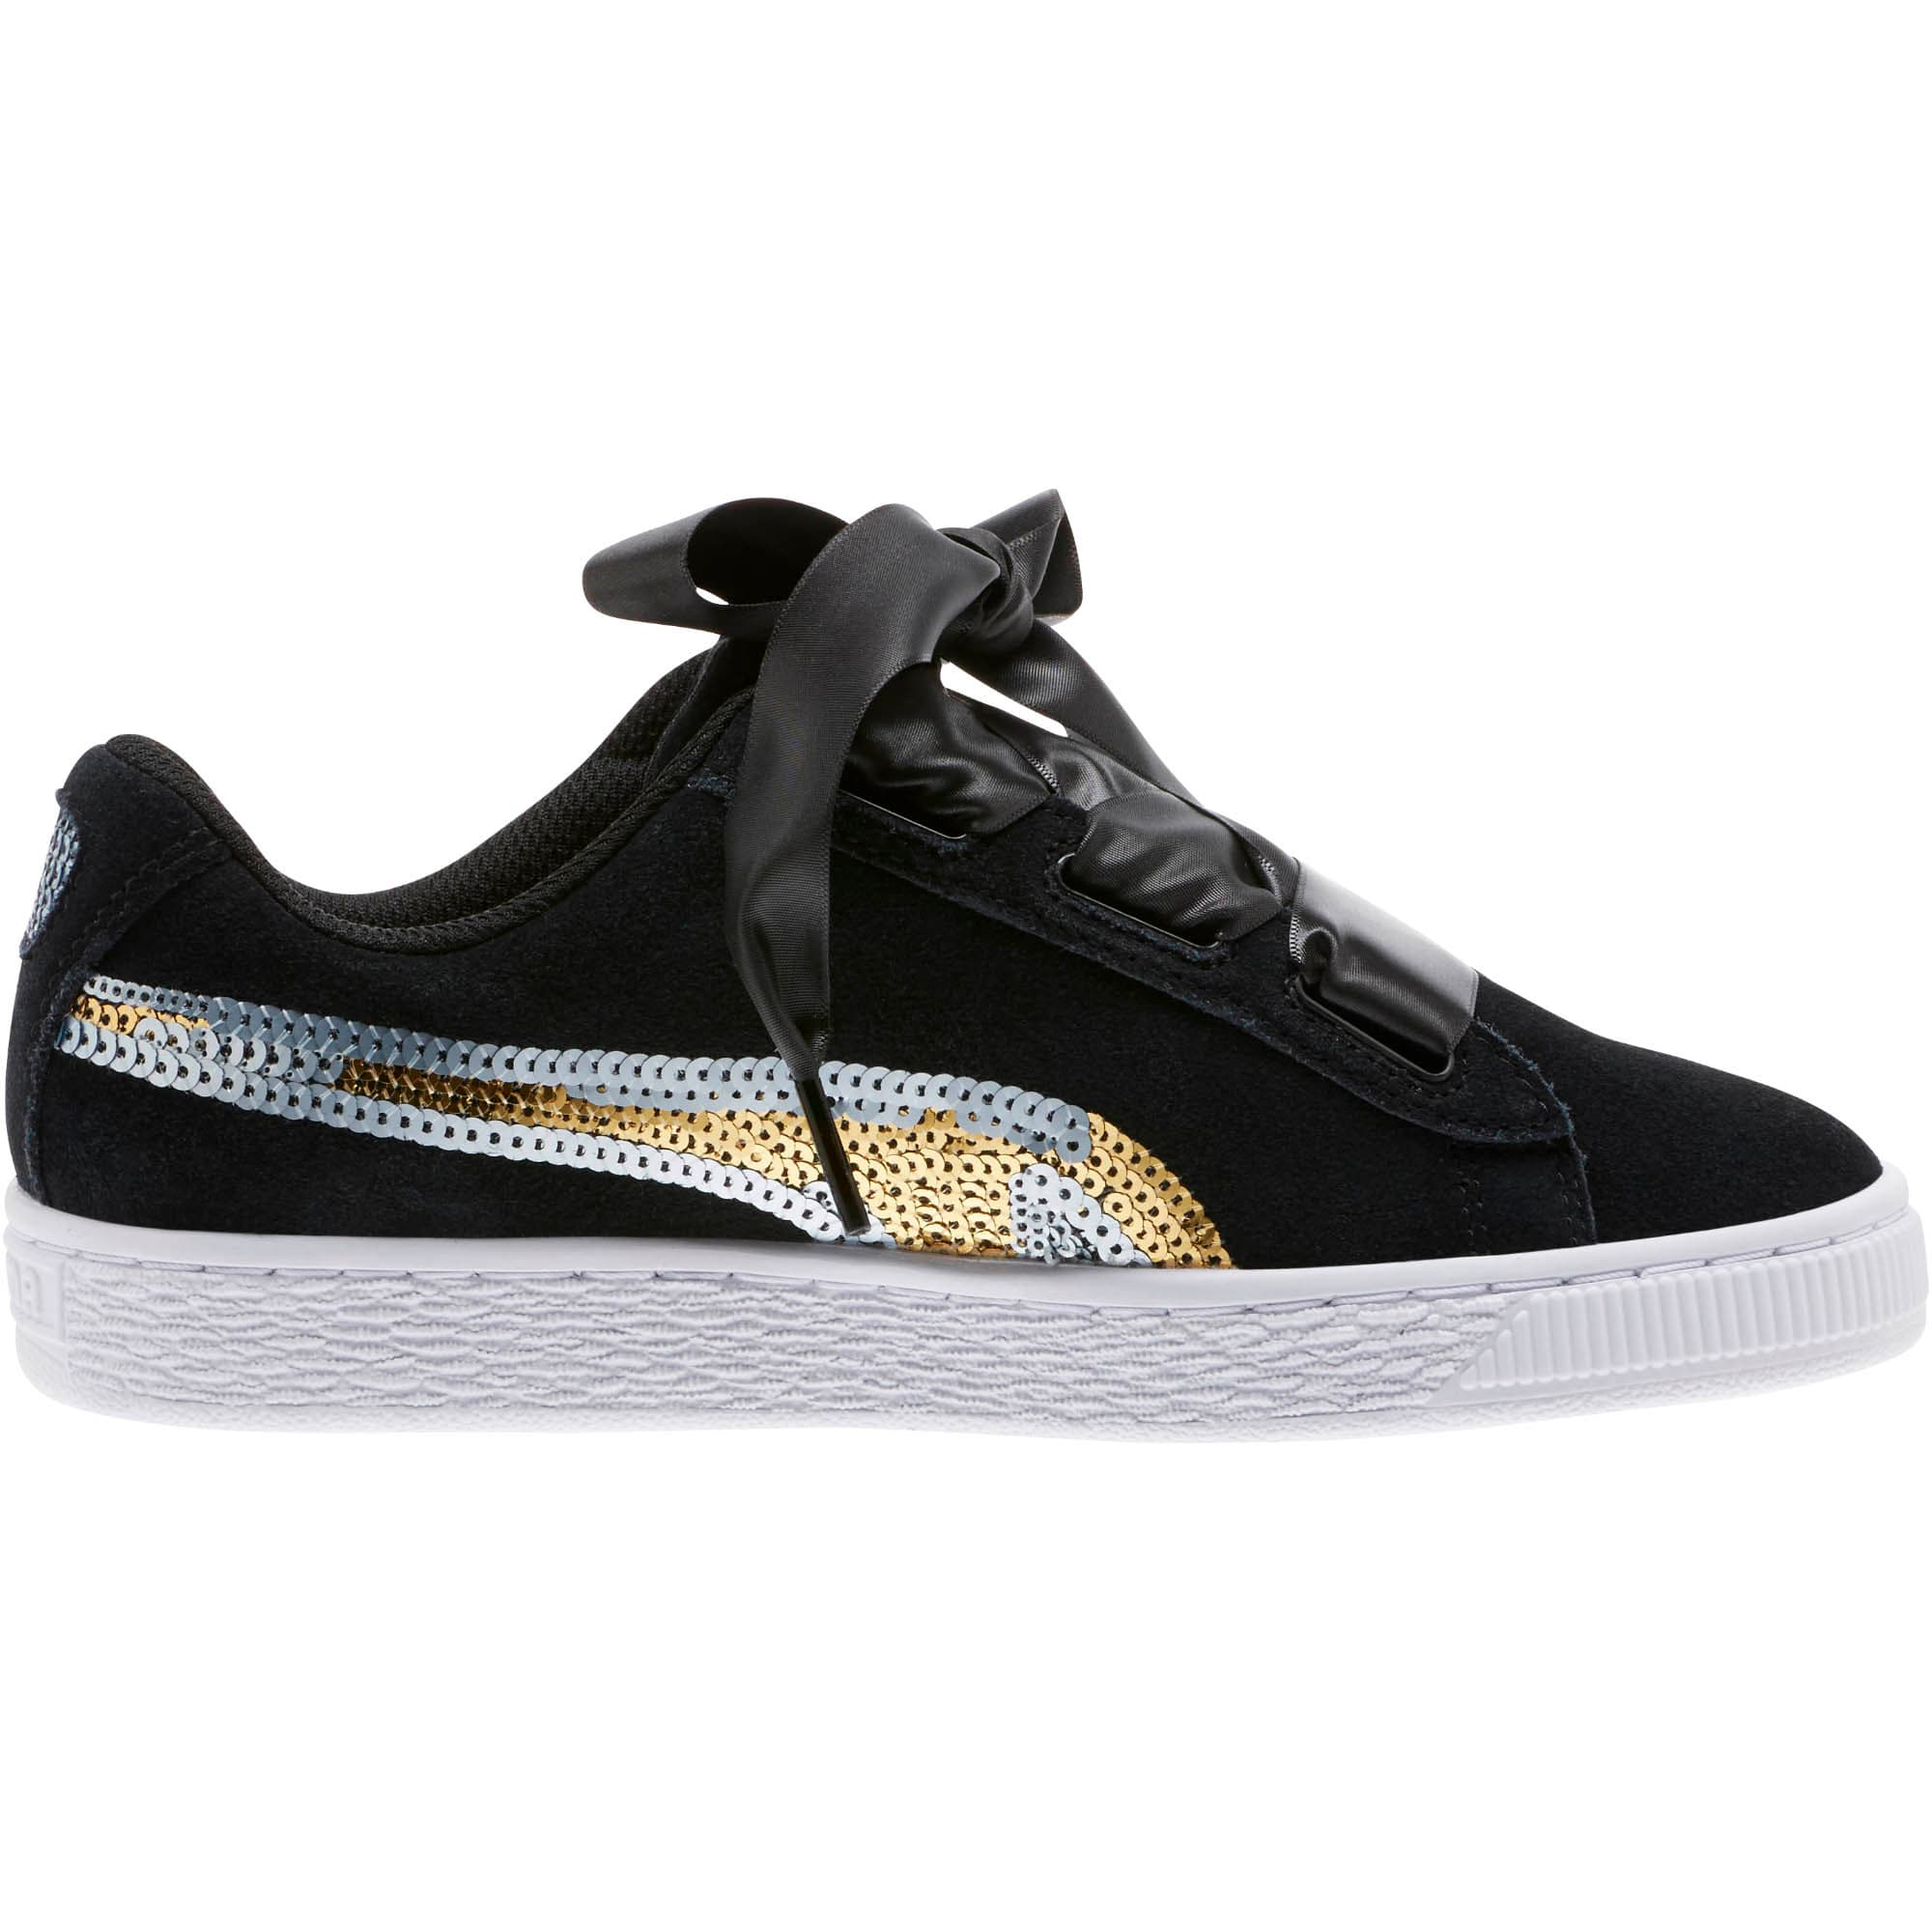 Miniatura 3 de Zapatos deportivos con lentejuelasSuede Heart Trailblazer JR, Puma Black-Puma Team Gold, mediano